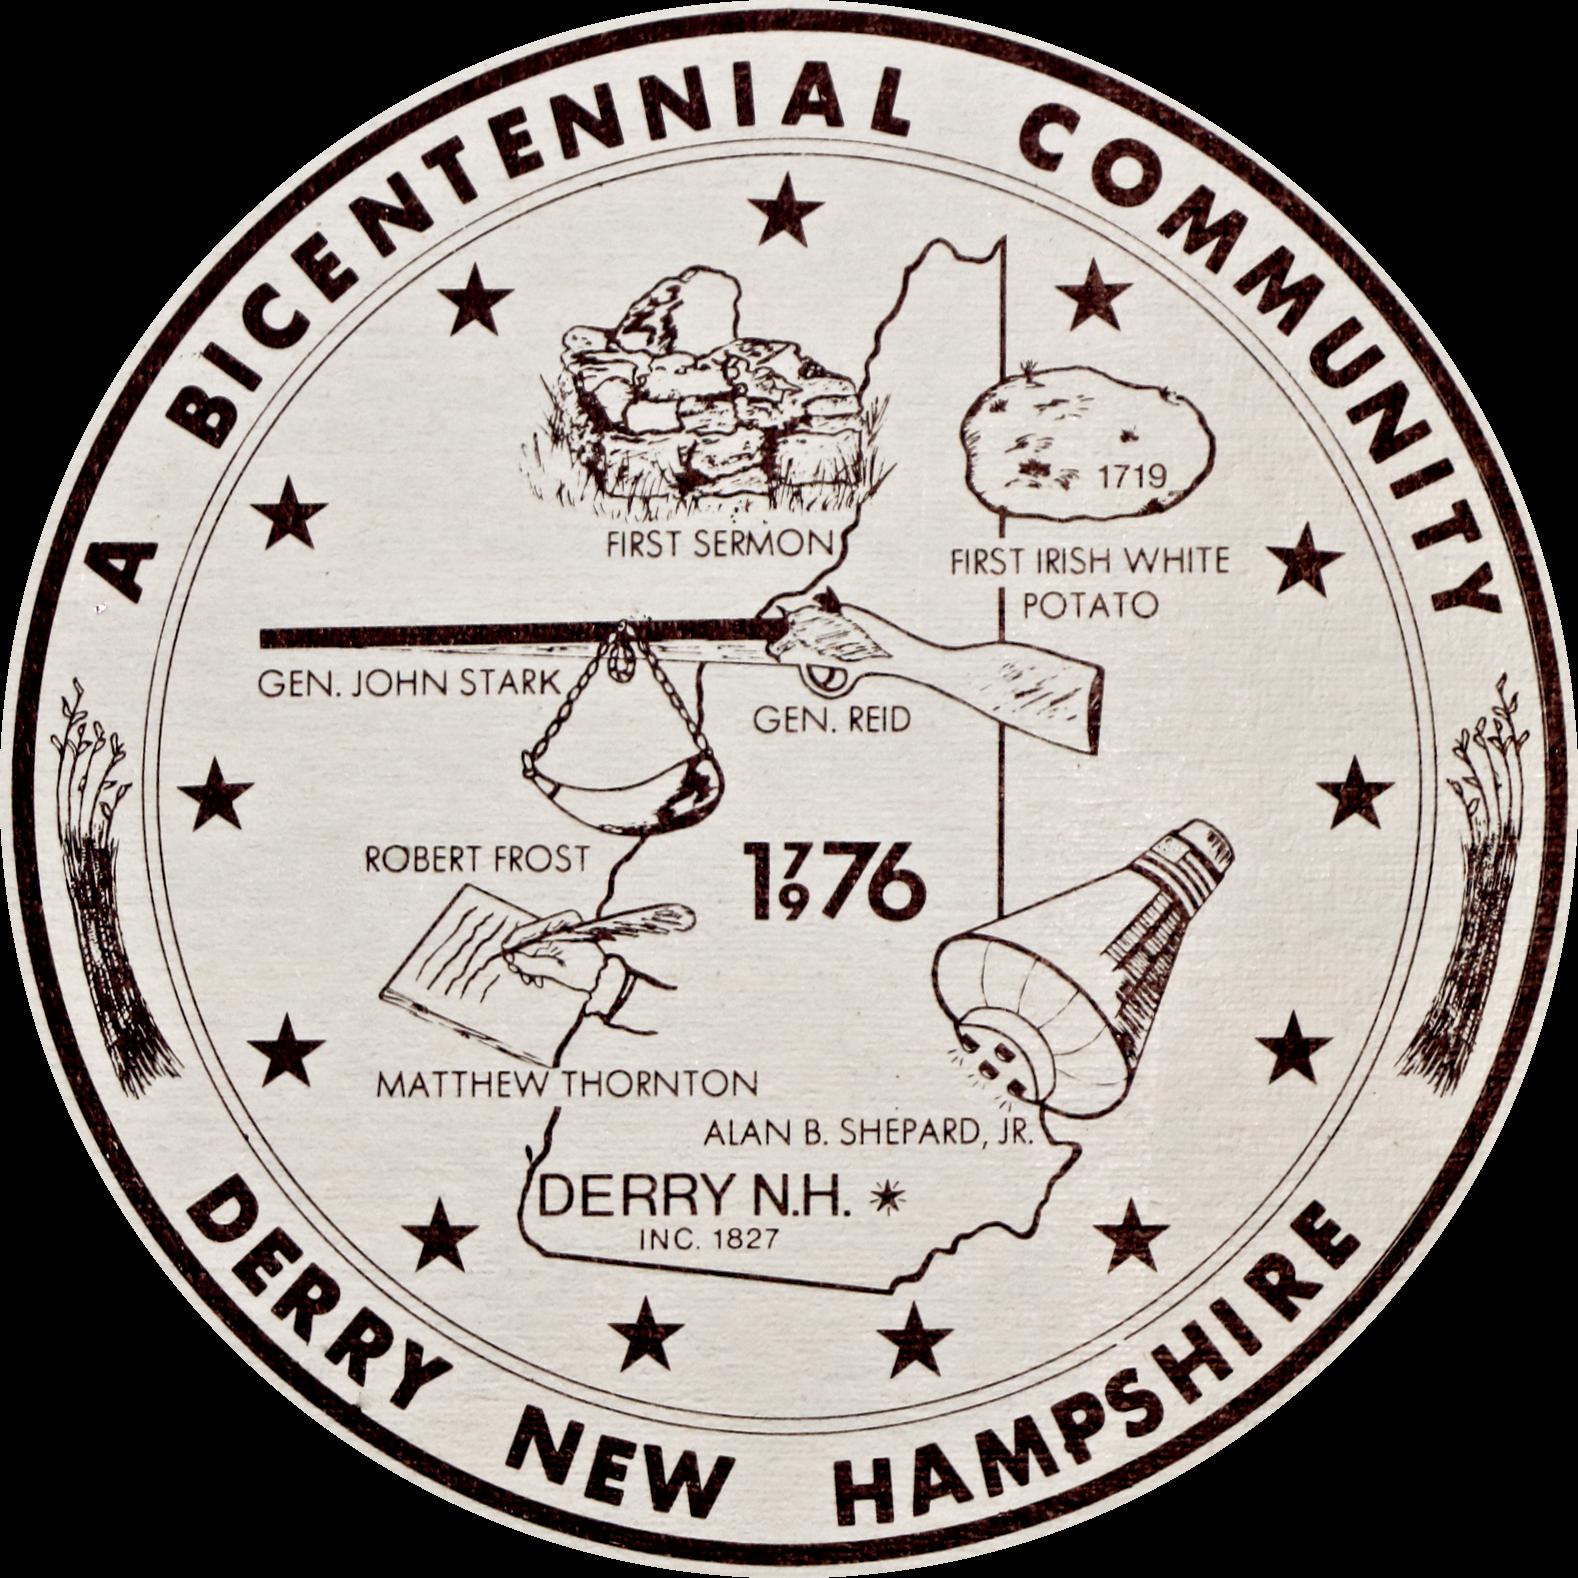 1976 Bicentennial Derry Logo by Joseph Hines